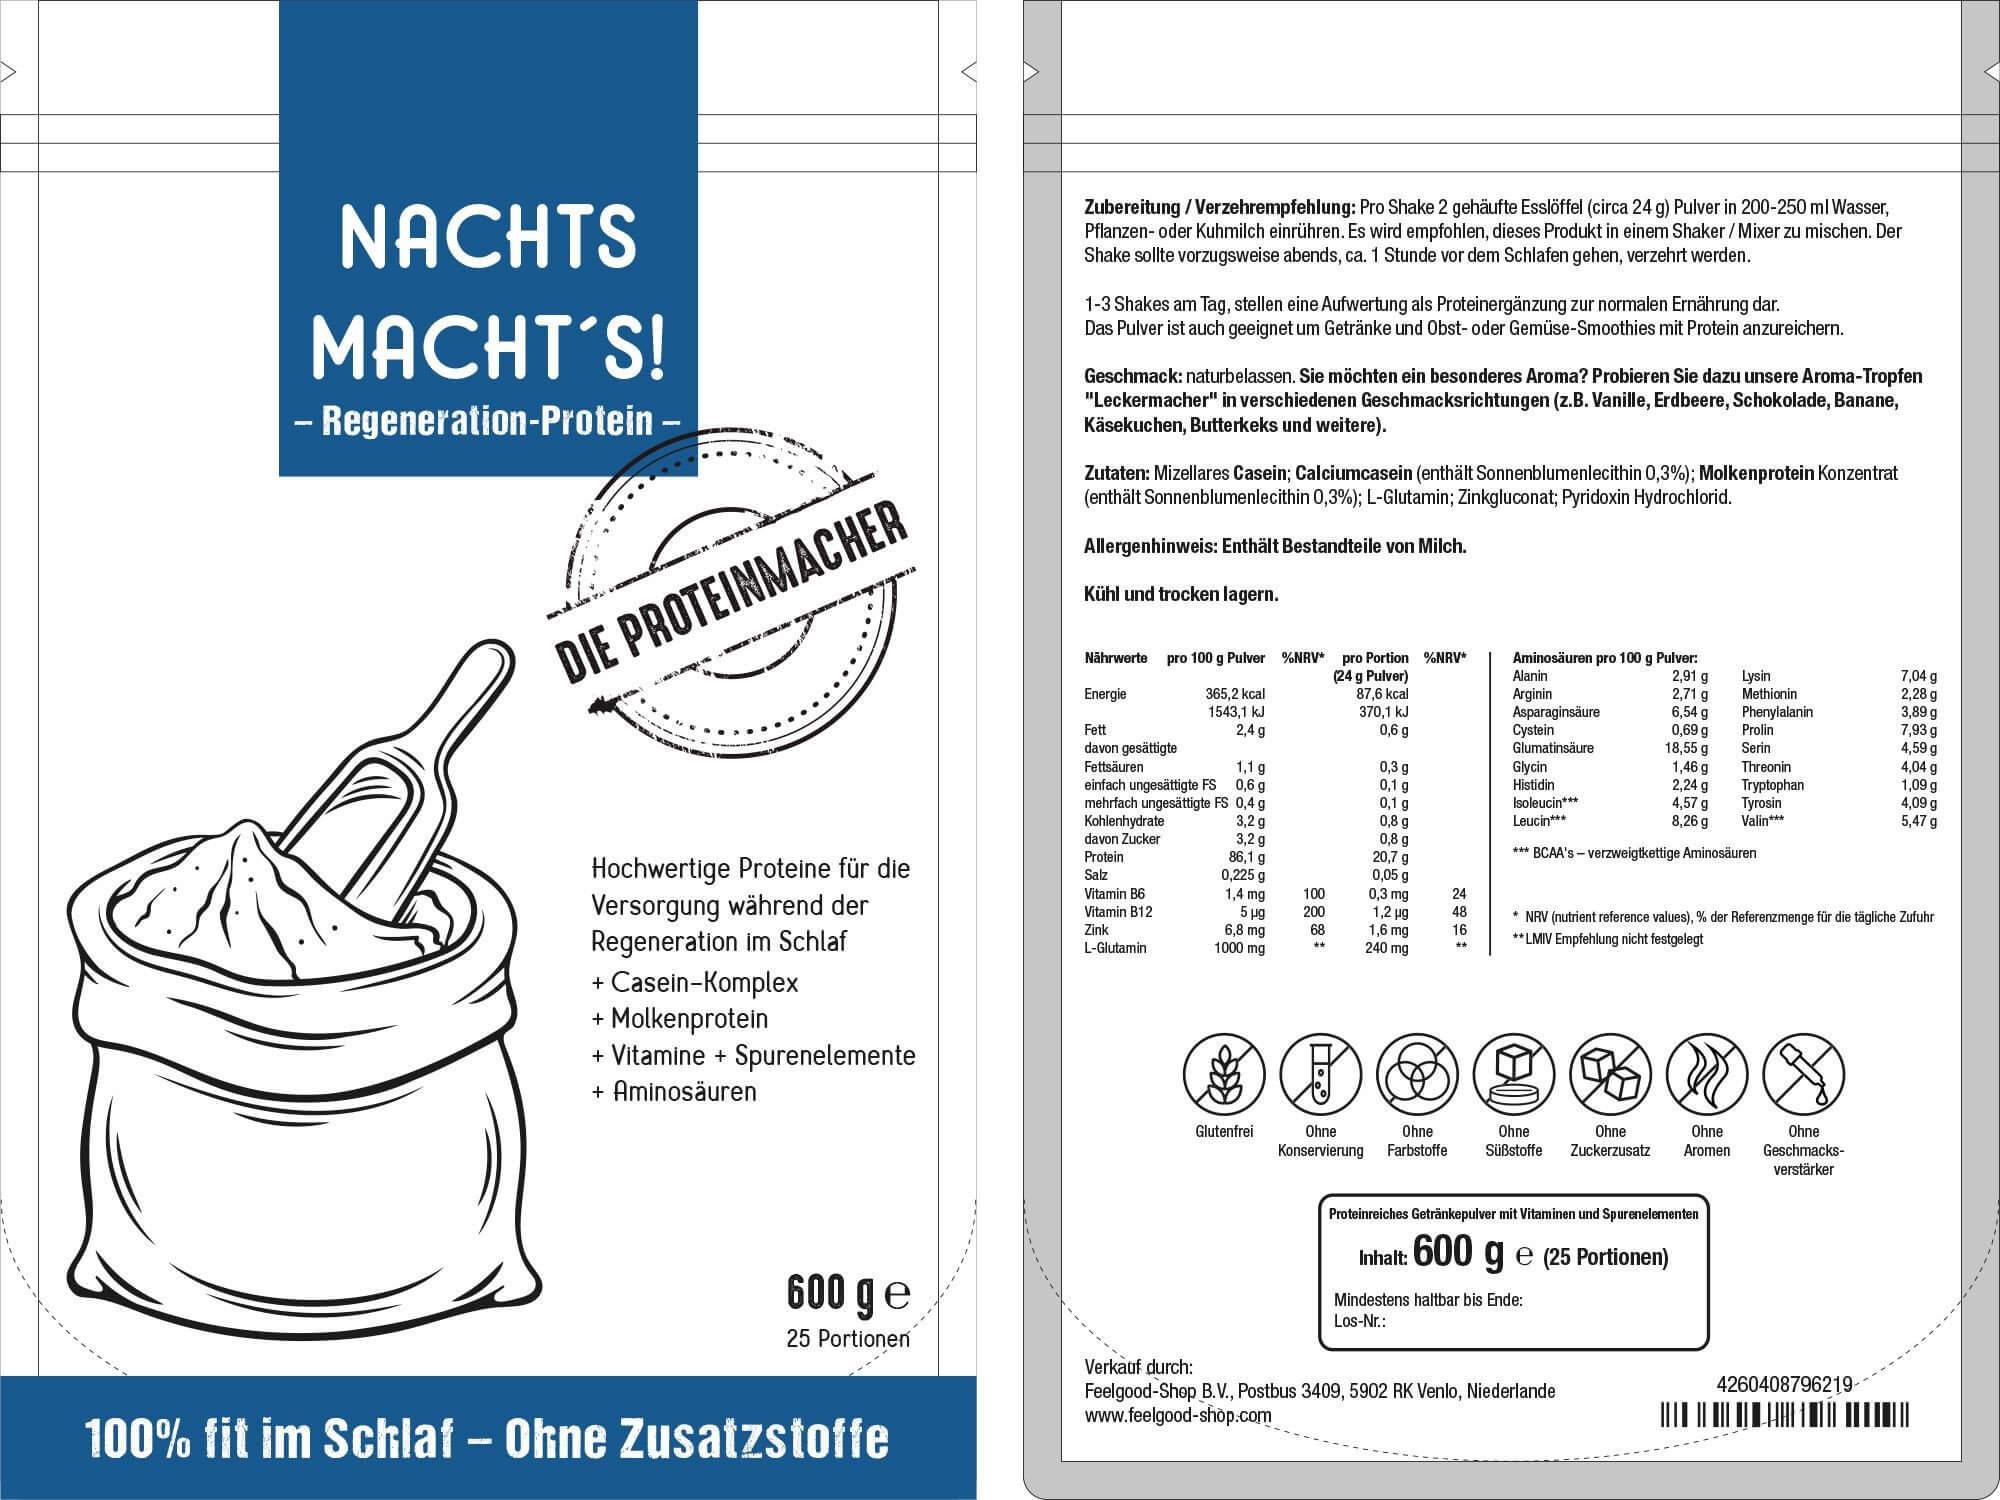 NACHTS MACHT'S - Regeneration Proteinpulver